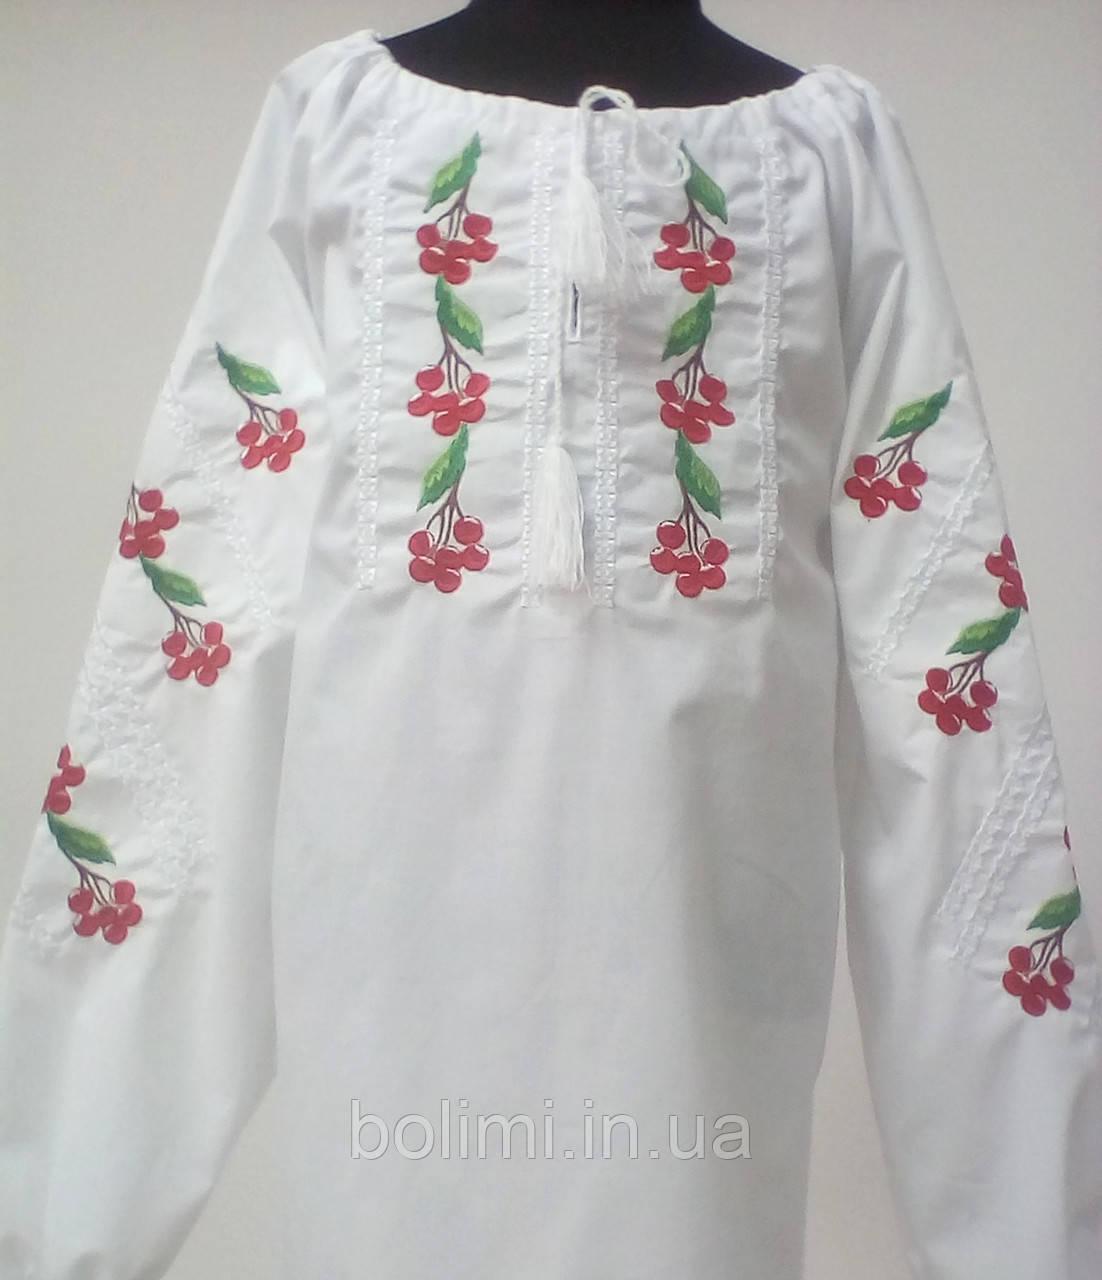 Вишиванка для дівчинки Калина довгий рукав Батист 140  продажа 1d4fb149fdf02